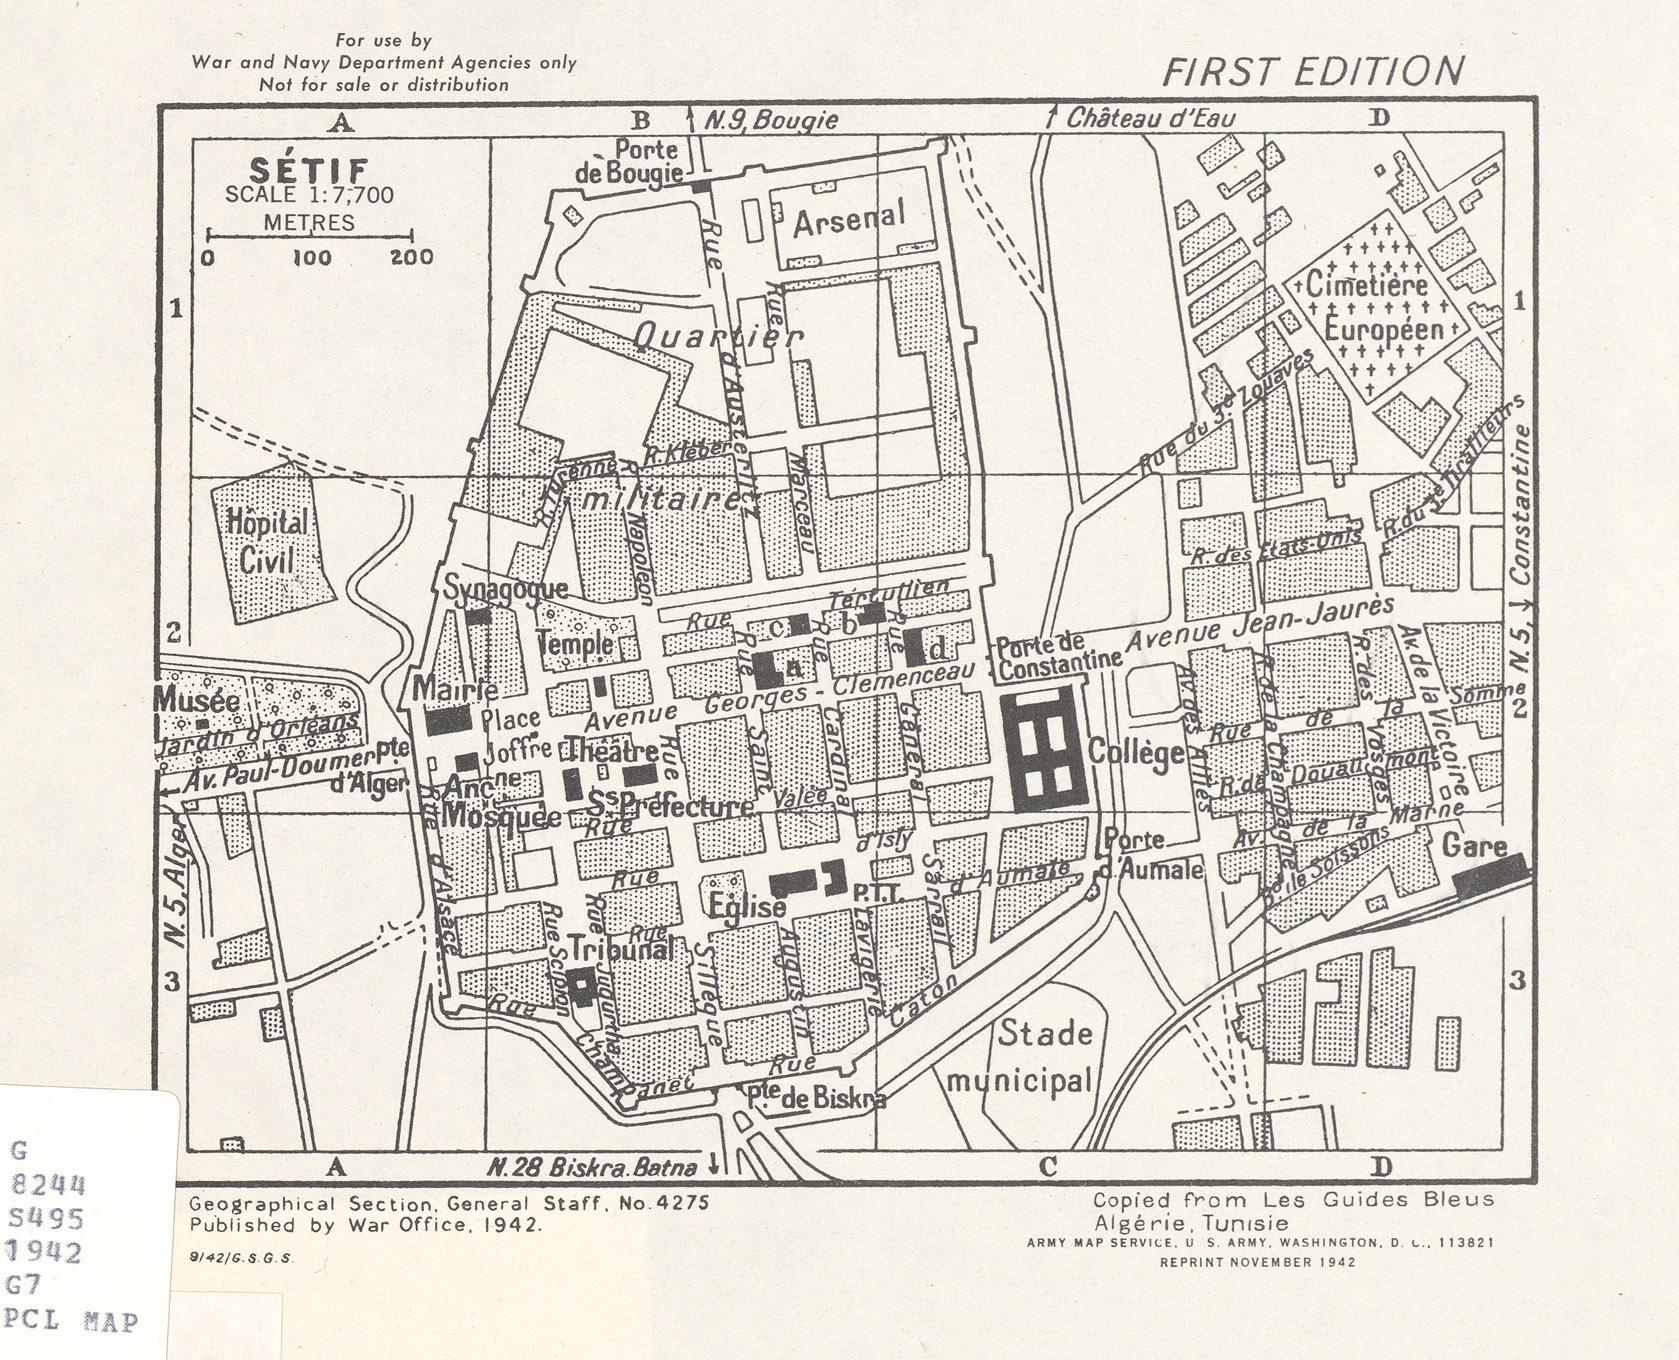 Mapa de la Ciudad de Sétif, Argelia 1942